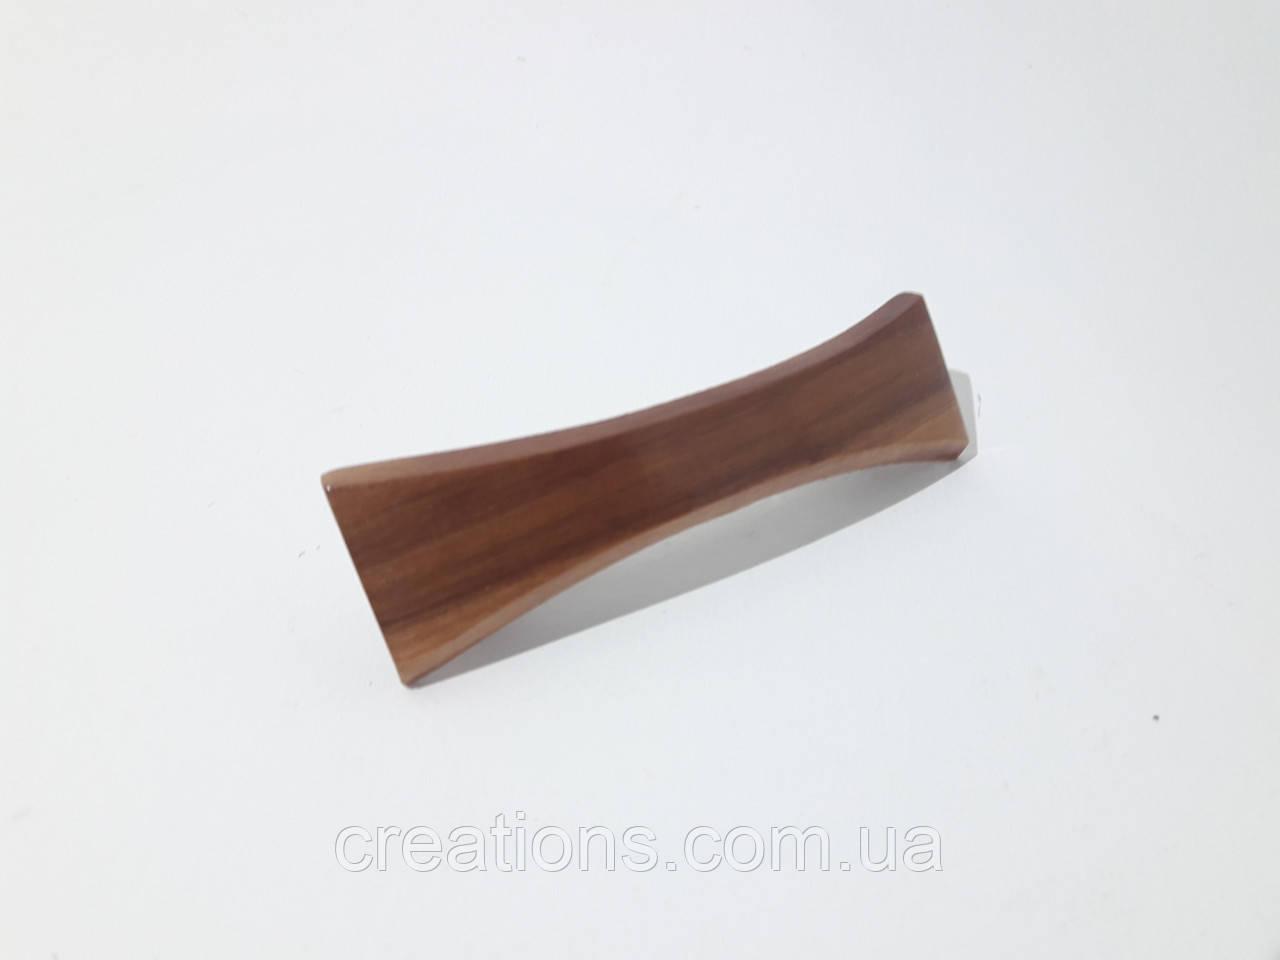 Заколка деревянная 0061